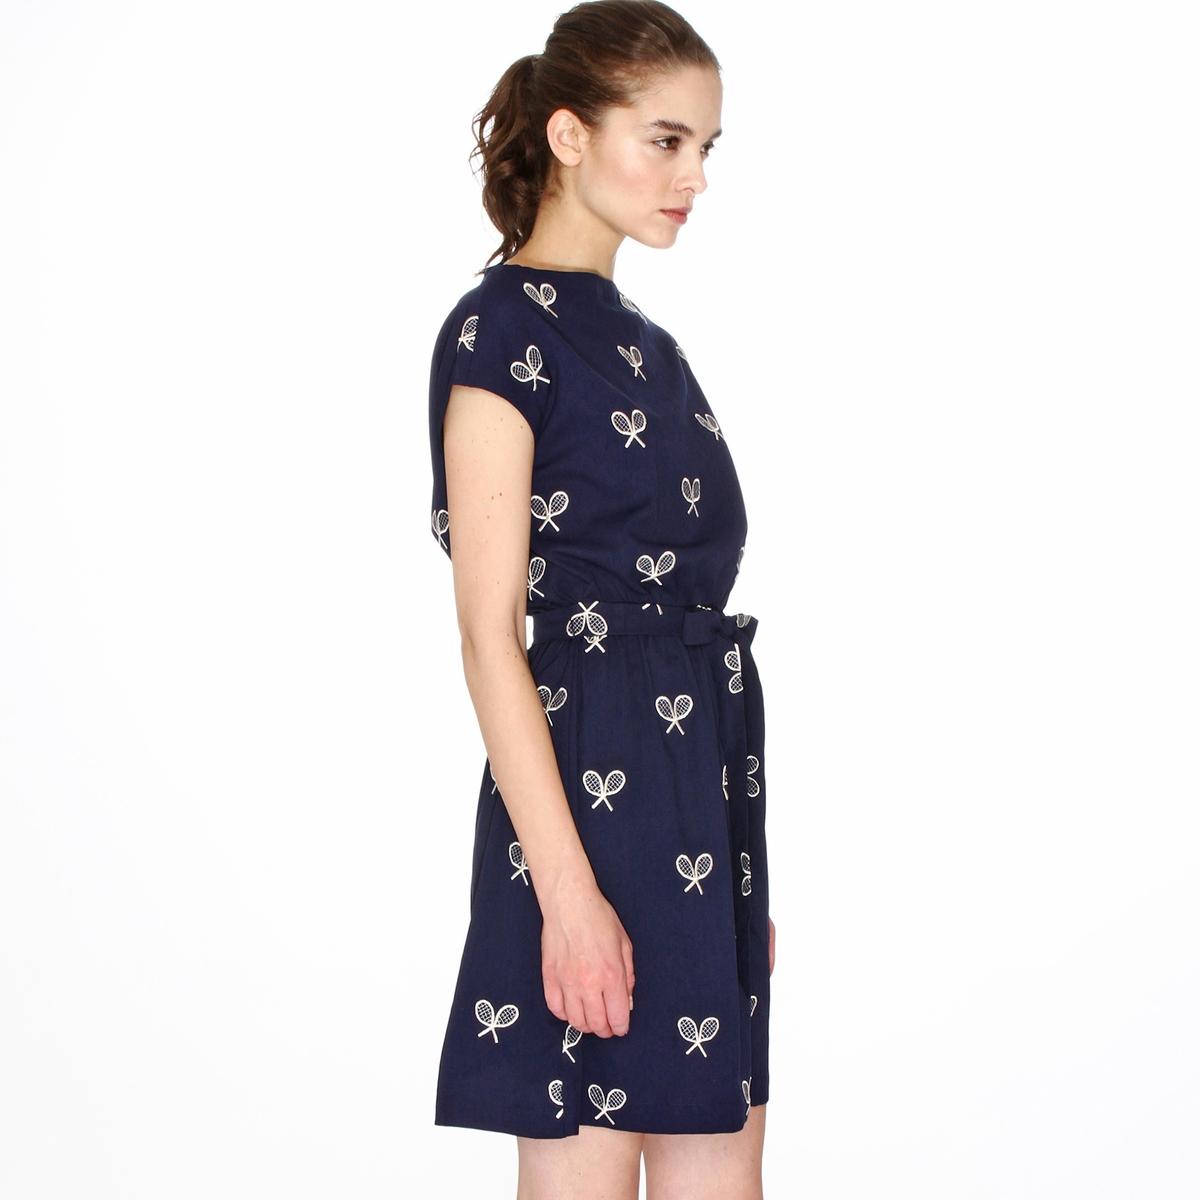 Платье с короткими рукавами и вышивкой теннисные ракеткиМатериал : 3% эластана, 97% полиэстера.  Длина рукава : Короткие рукава  Форма воротника : Круглый вырез Покрой платья : расклешенное платье. Рисунок : принт.   Длина платья : короткое.<br><br>Цвет: темно-синий